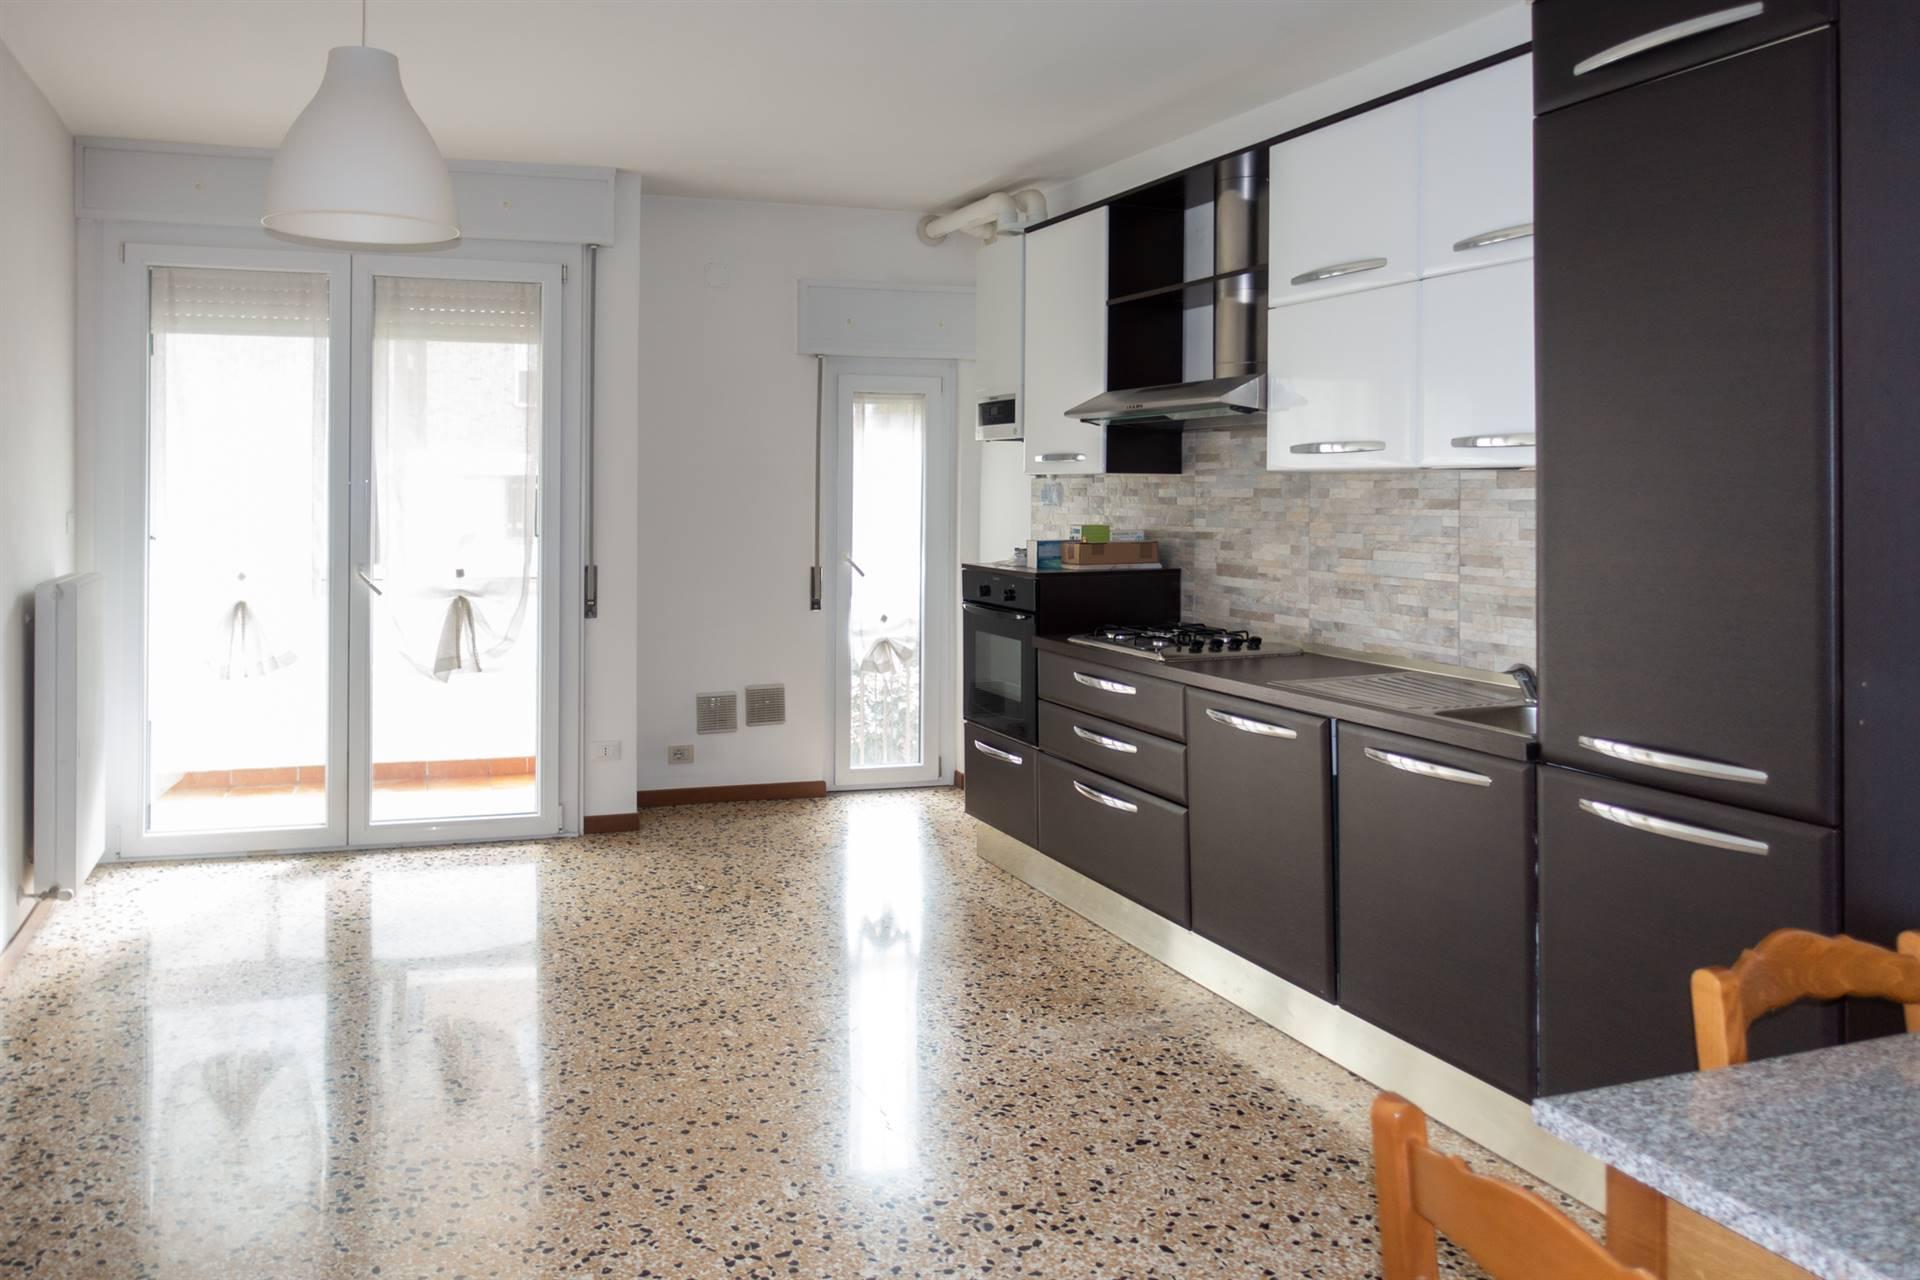 Mestre Viale Garibaldi in laterale tranquilla, a pochi passi da piazza Ferretto con la comodità di tutti i servizi, proponiamo appartamento luminoso